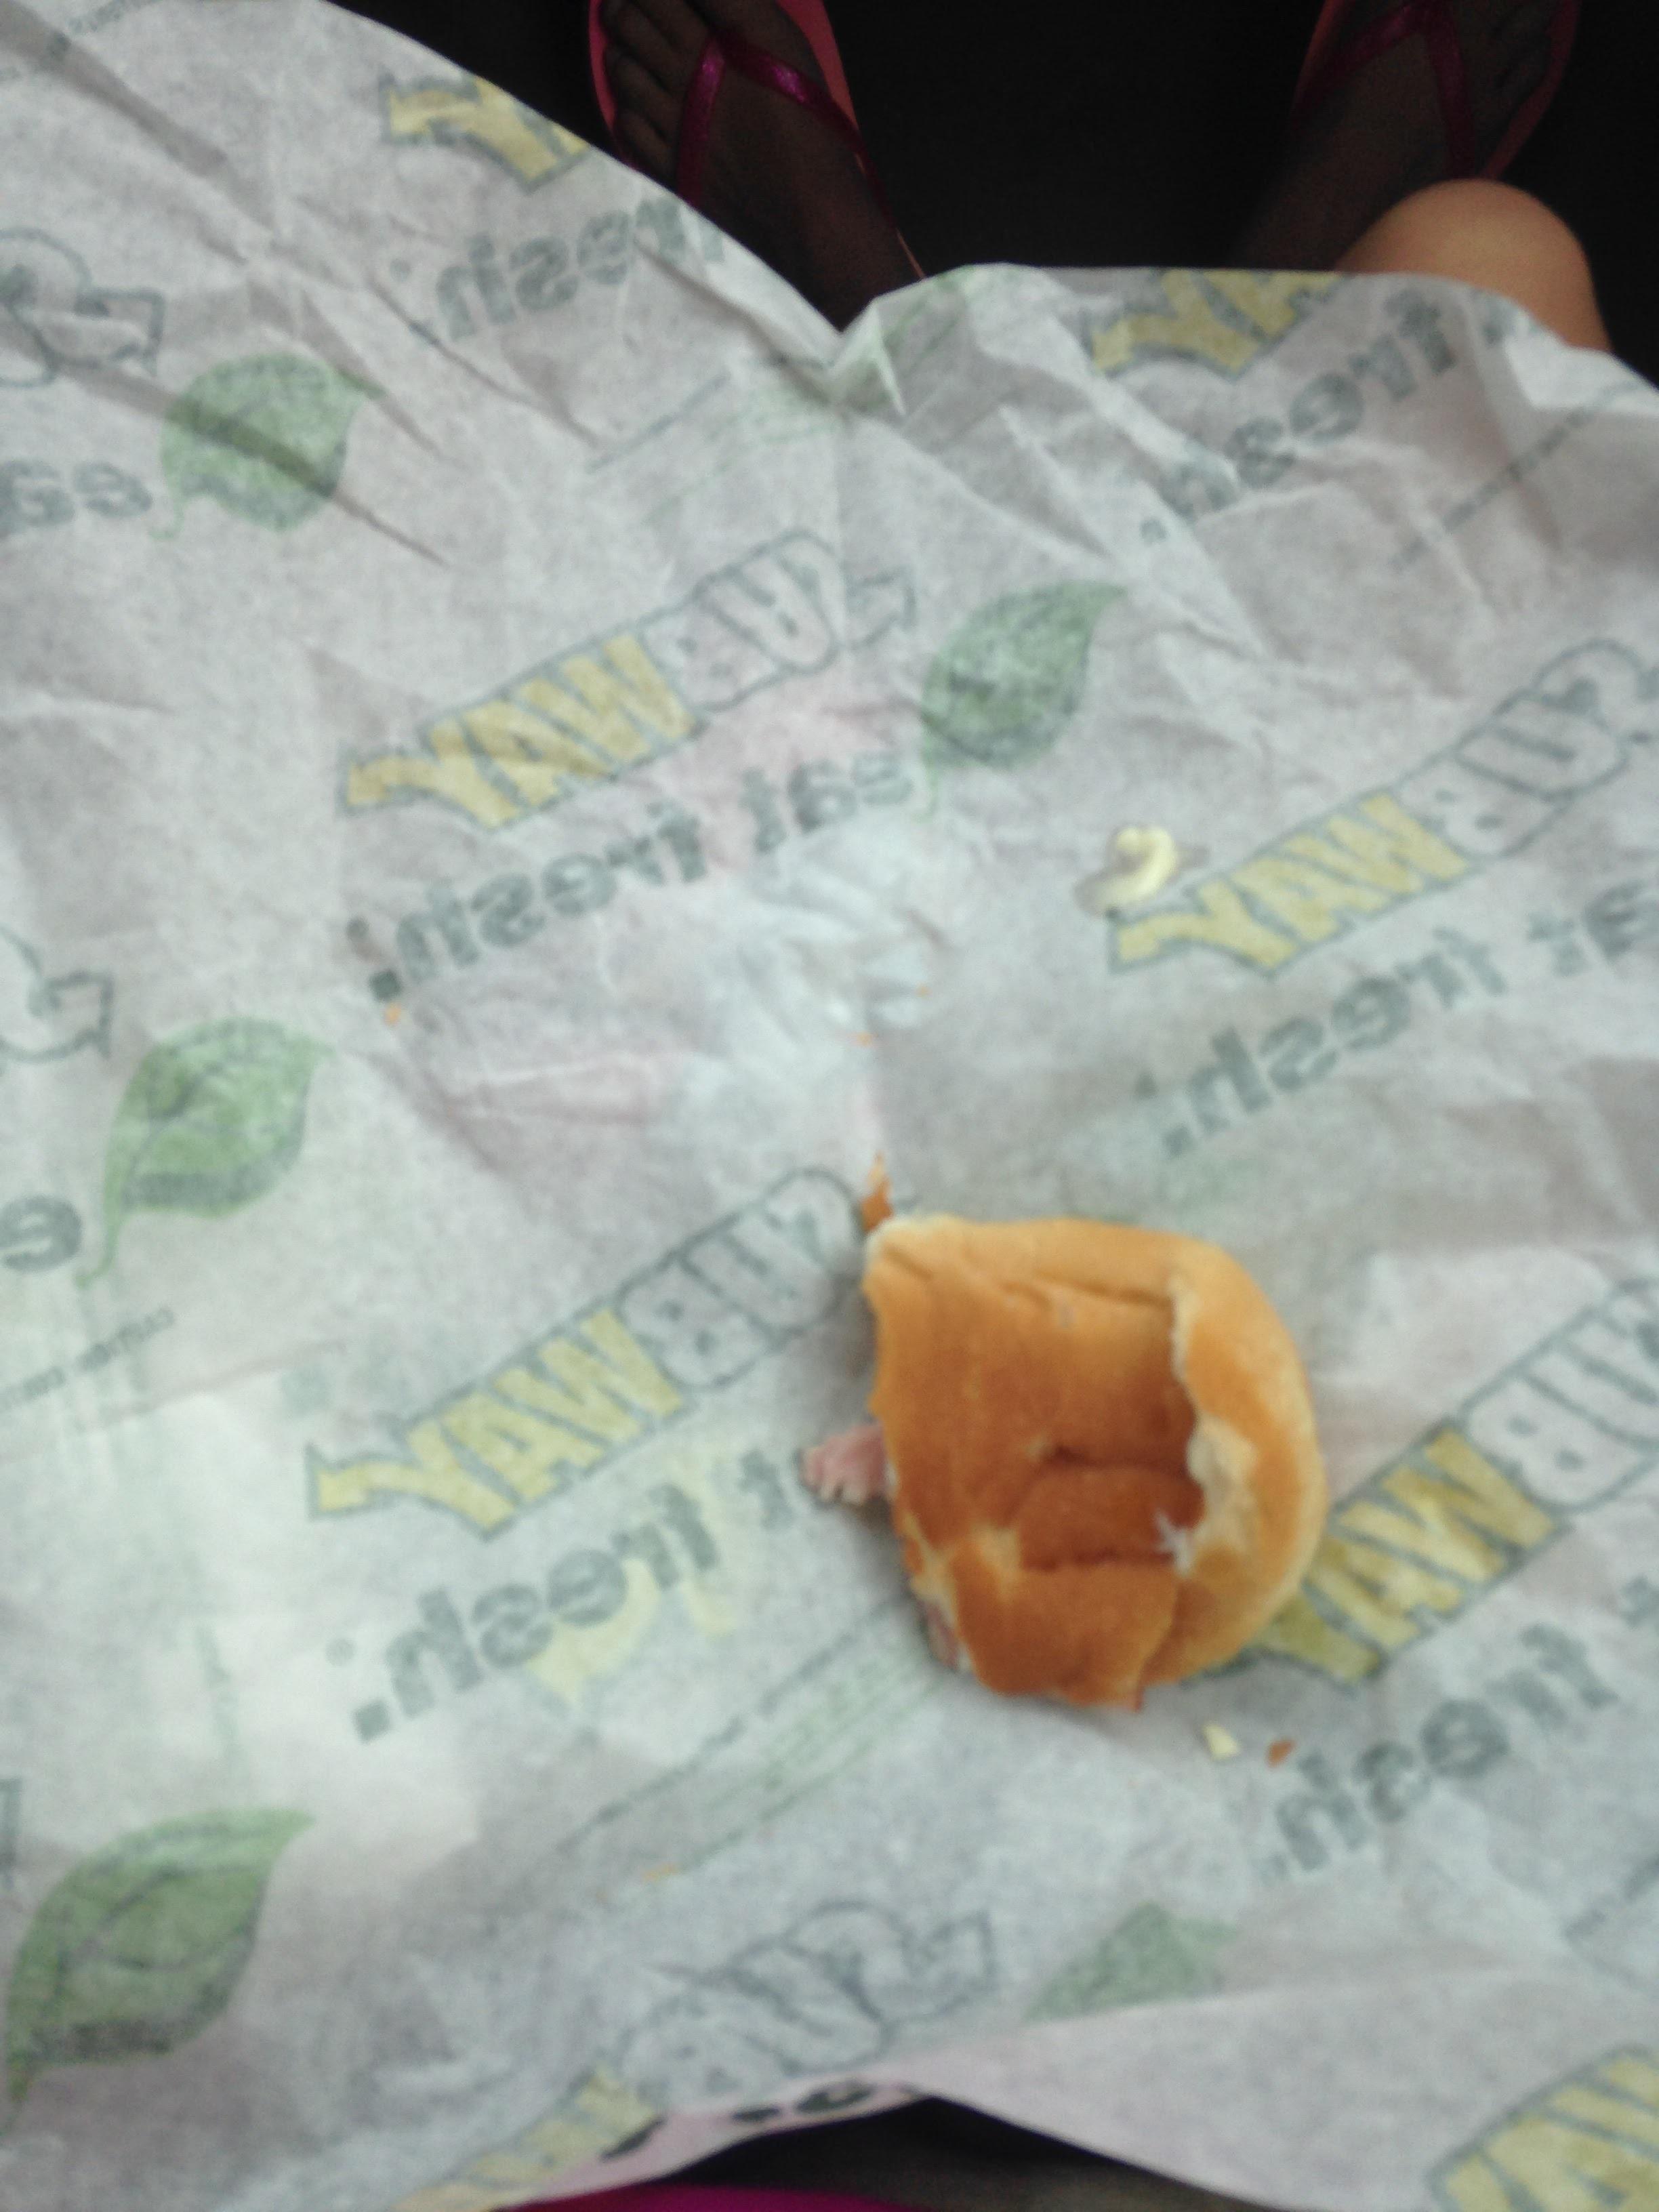 Subway-Sandwich-Photo-Fail.jpg